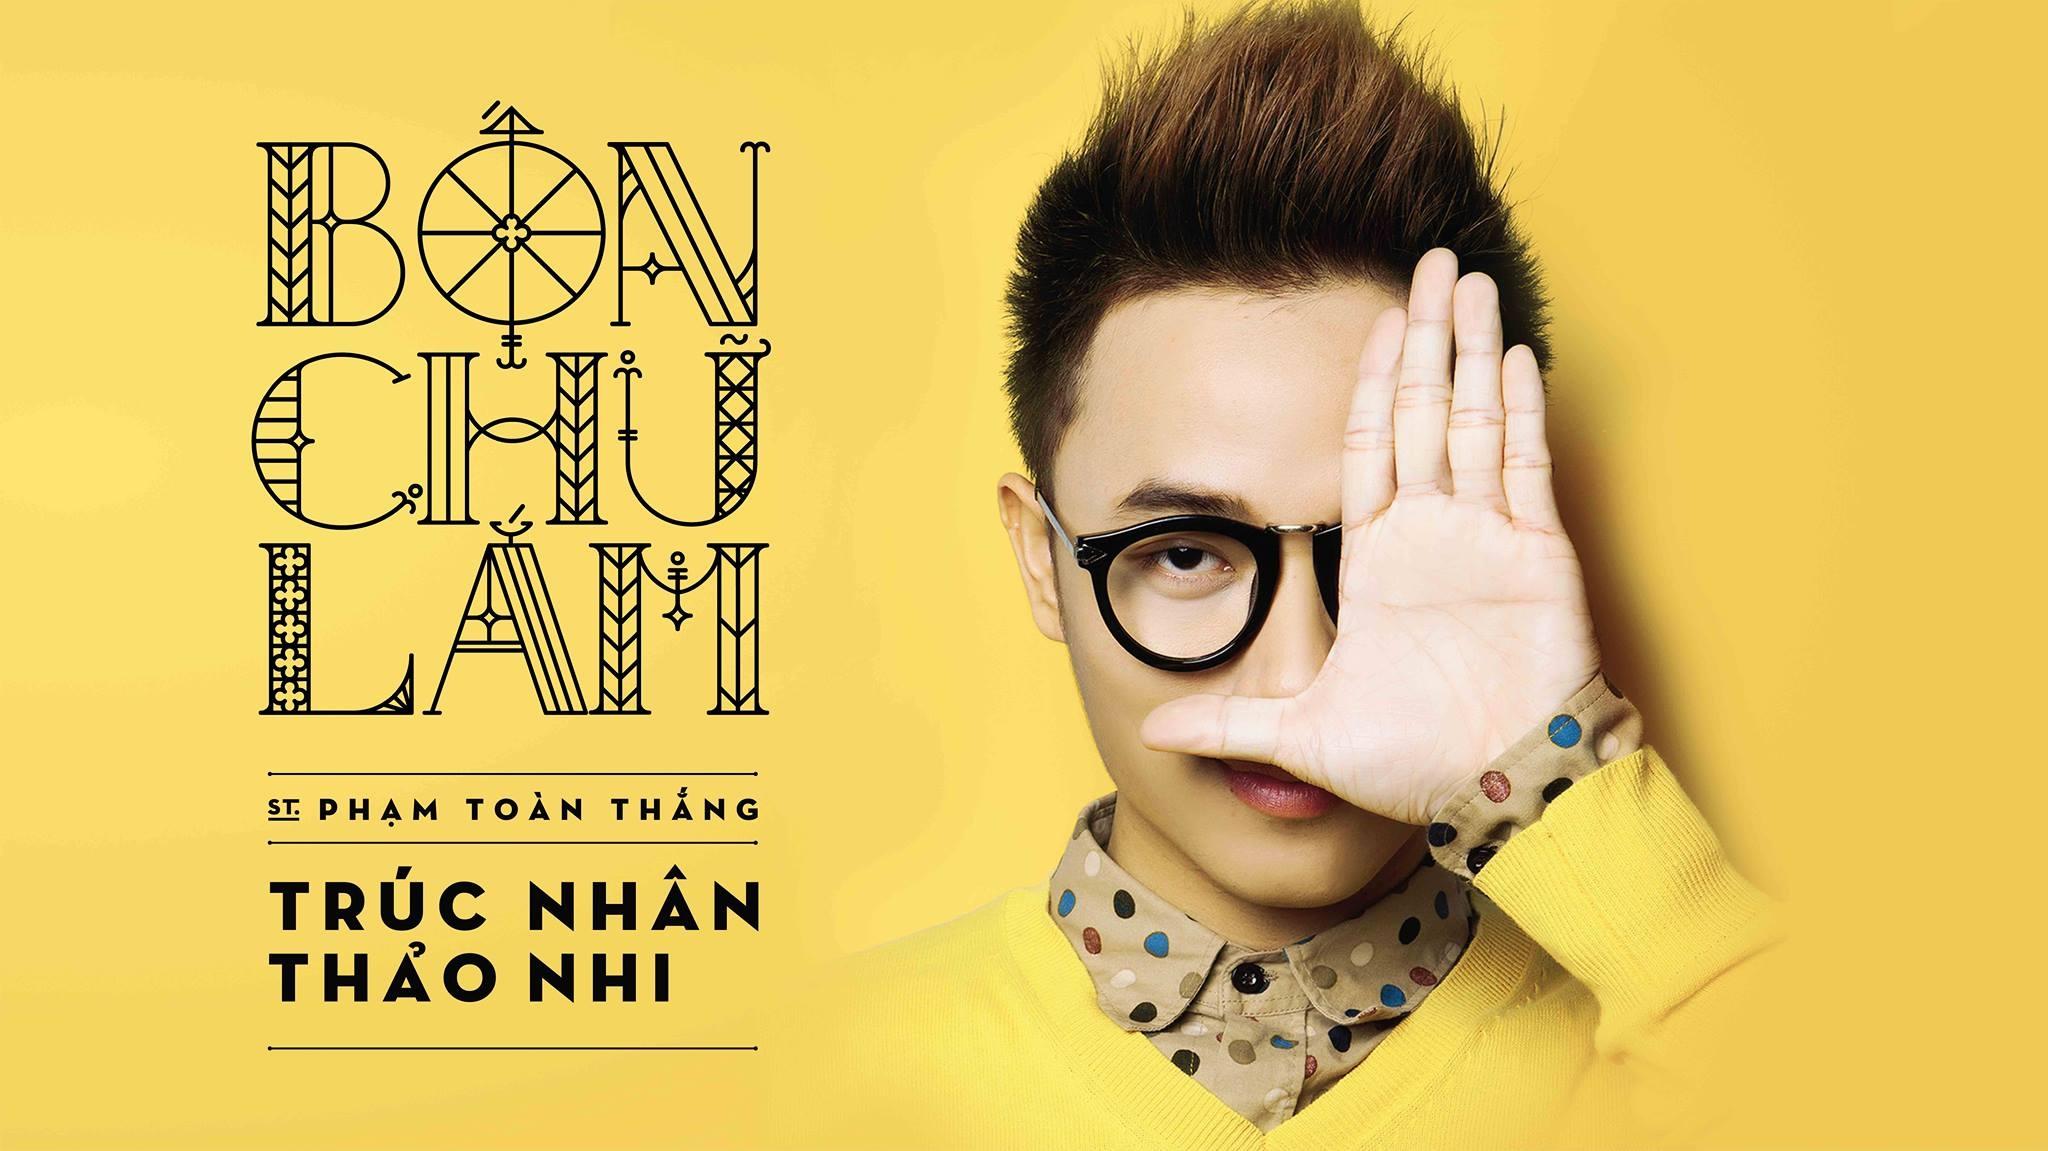 MV Bốn chữ lắm là sản phẩm âm nhạc bằng hình ảnh thứ hai của ca sĩ Trúc Nhân và êkíp đạo diễn trẻ Phoenix Vũ.